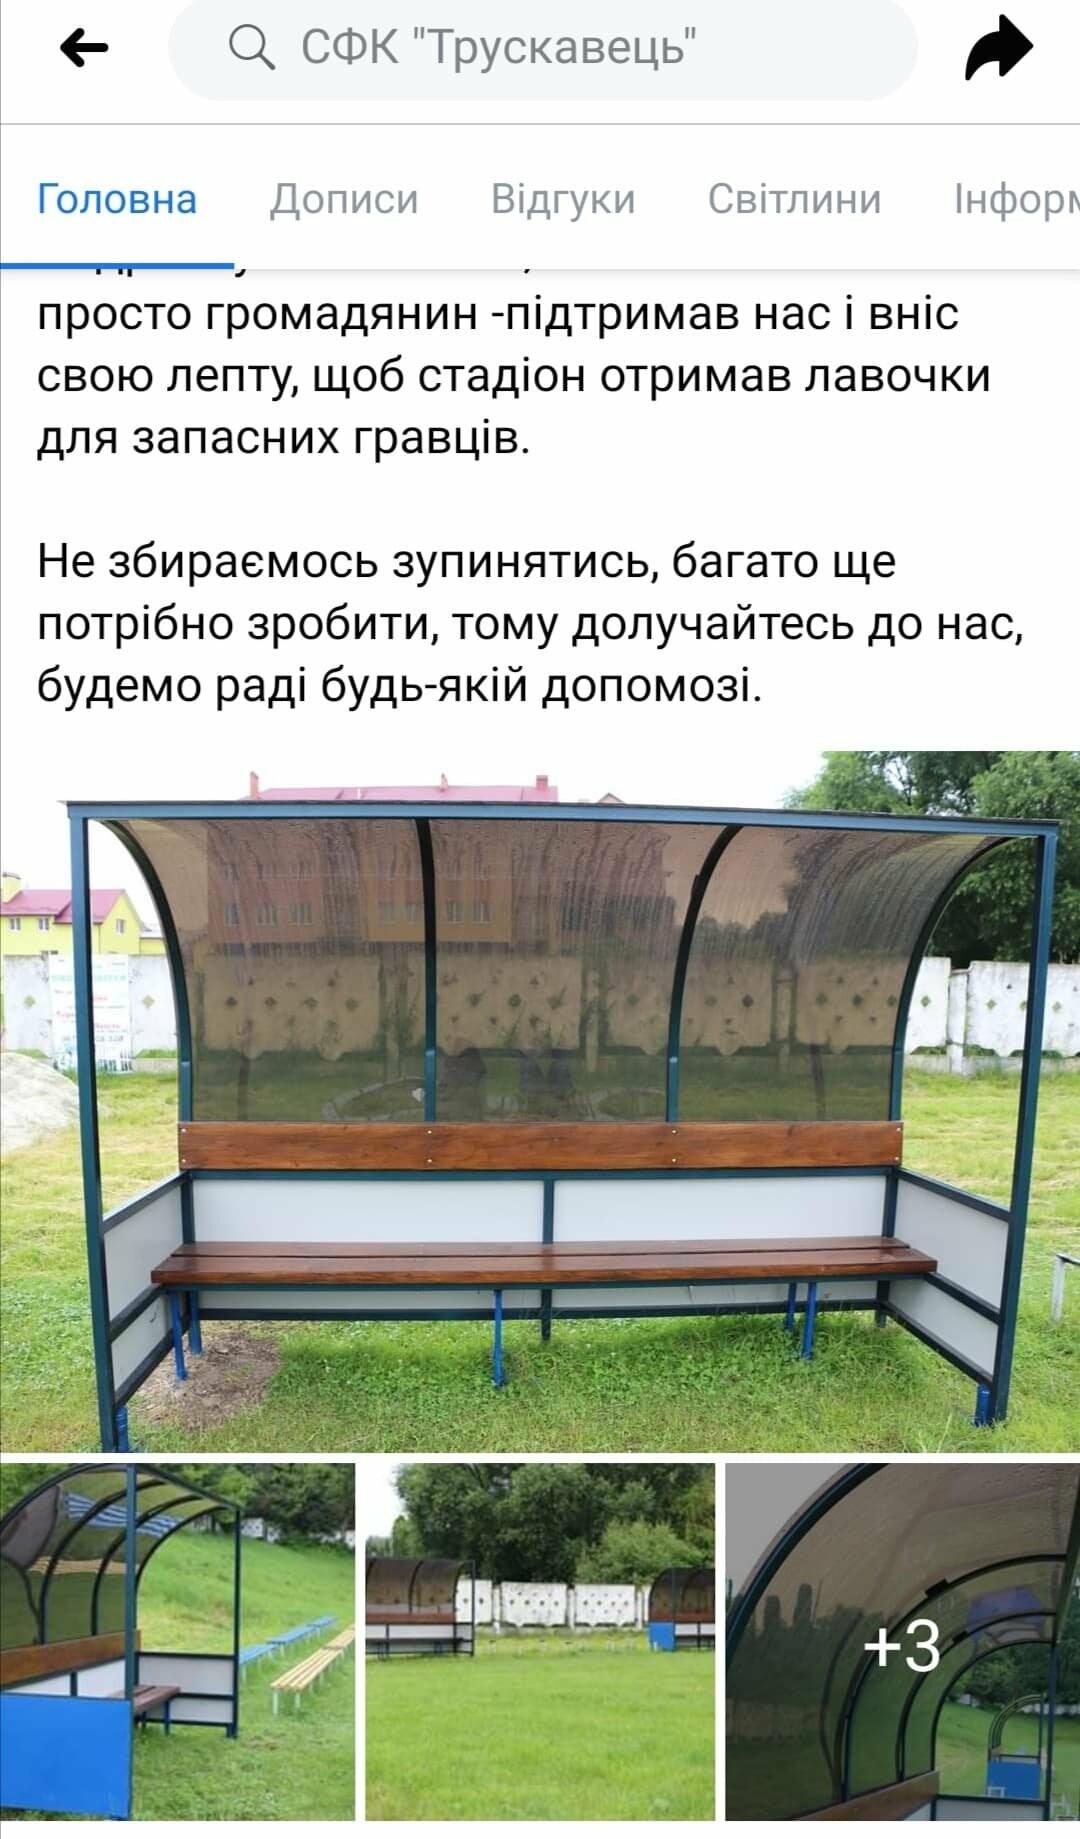 Трускавецький стадіон обладнали лавками для запасних гравців, фото-2